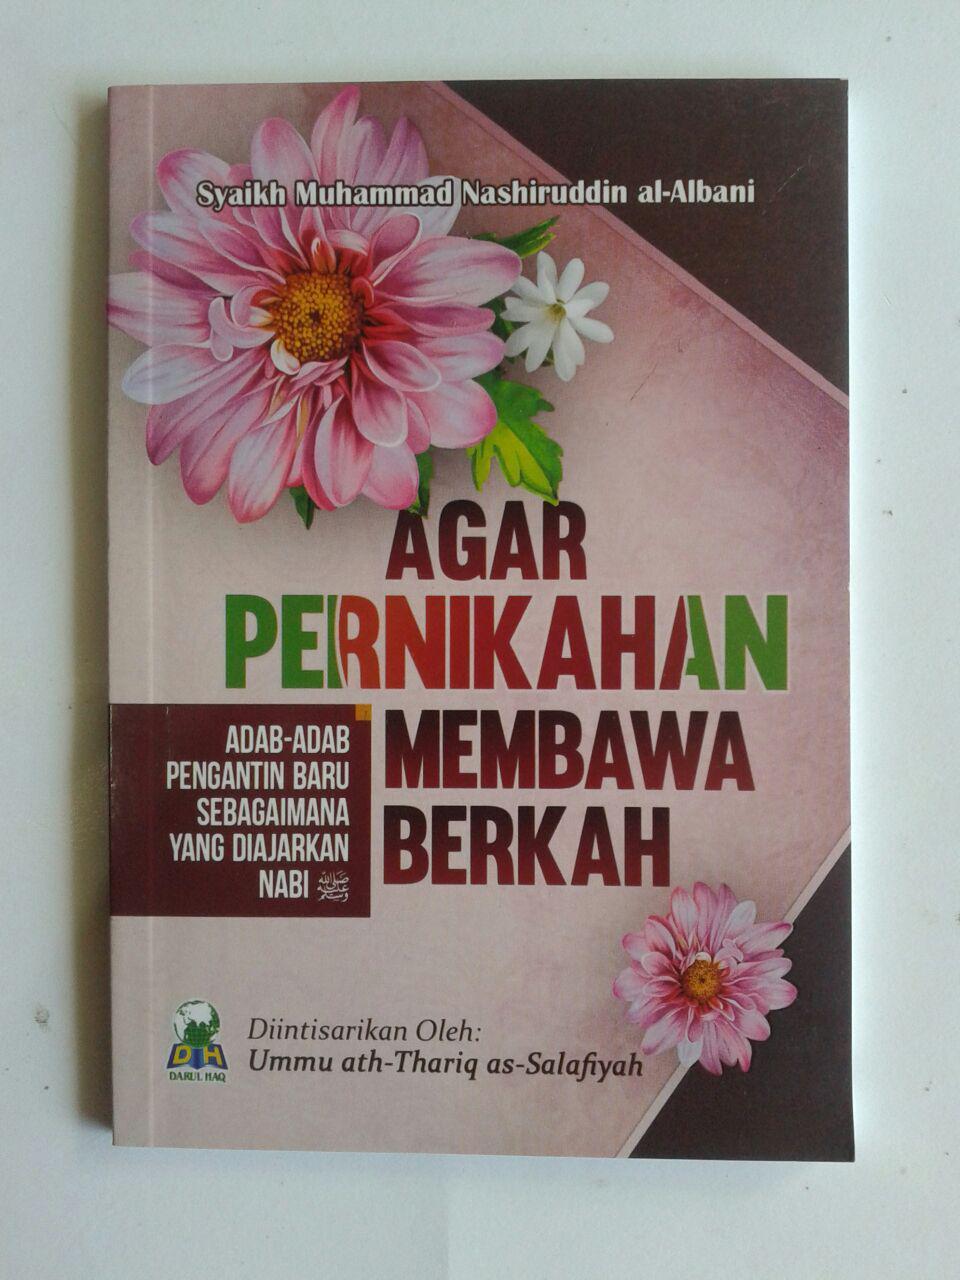 BK2023 Buku Saku Agar Pernikahan Membawa Berkah 7,000 15% 5,950 cover 2